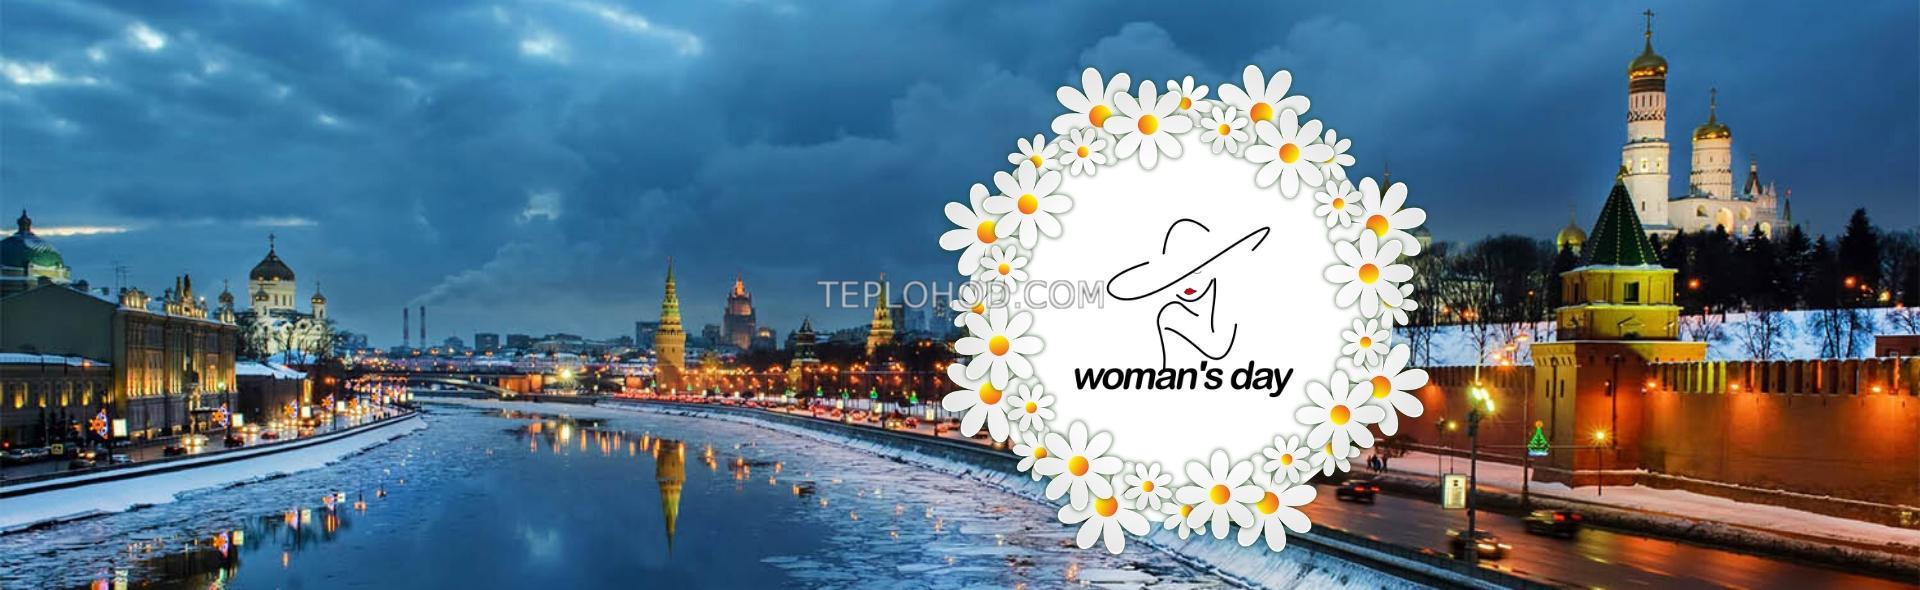 Прогулка на теплоходе с программой, ужином и салютом к Международному женскому дню